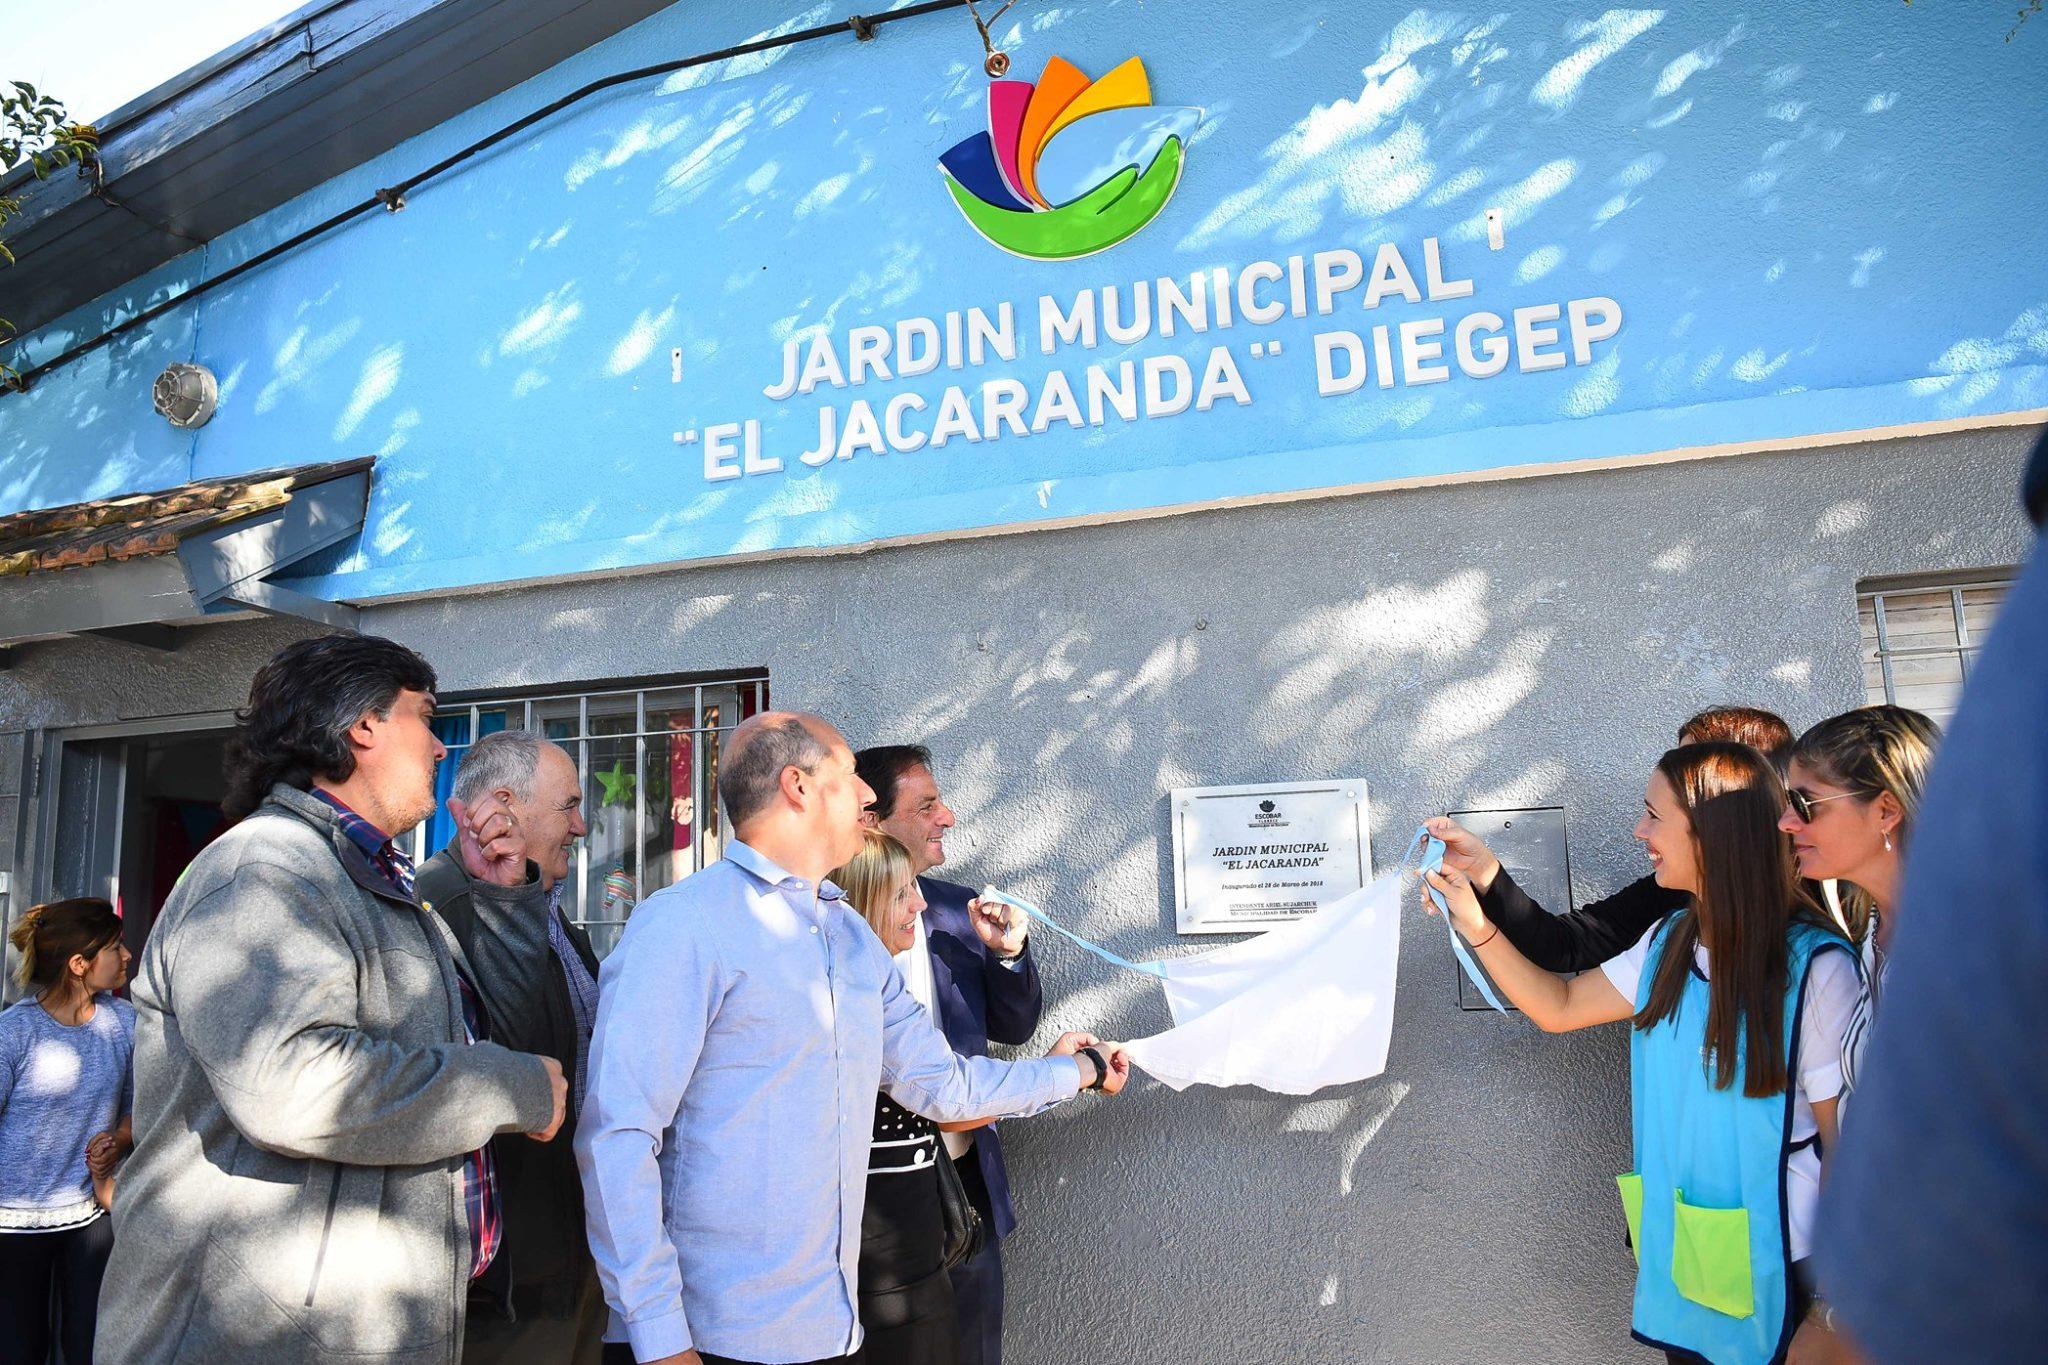 Jardín MunicipalElJacaranda